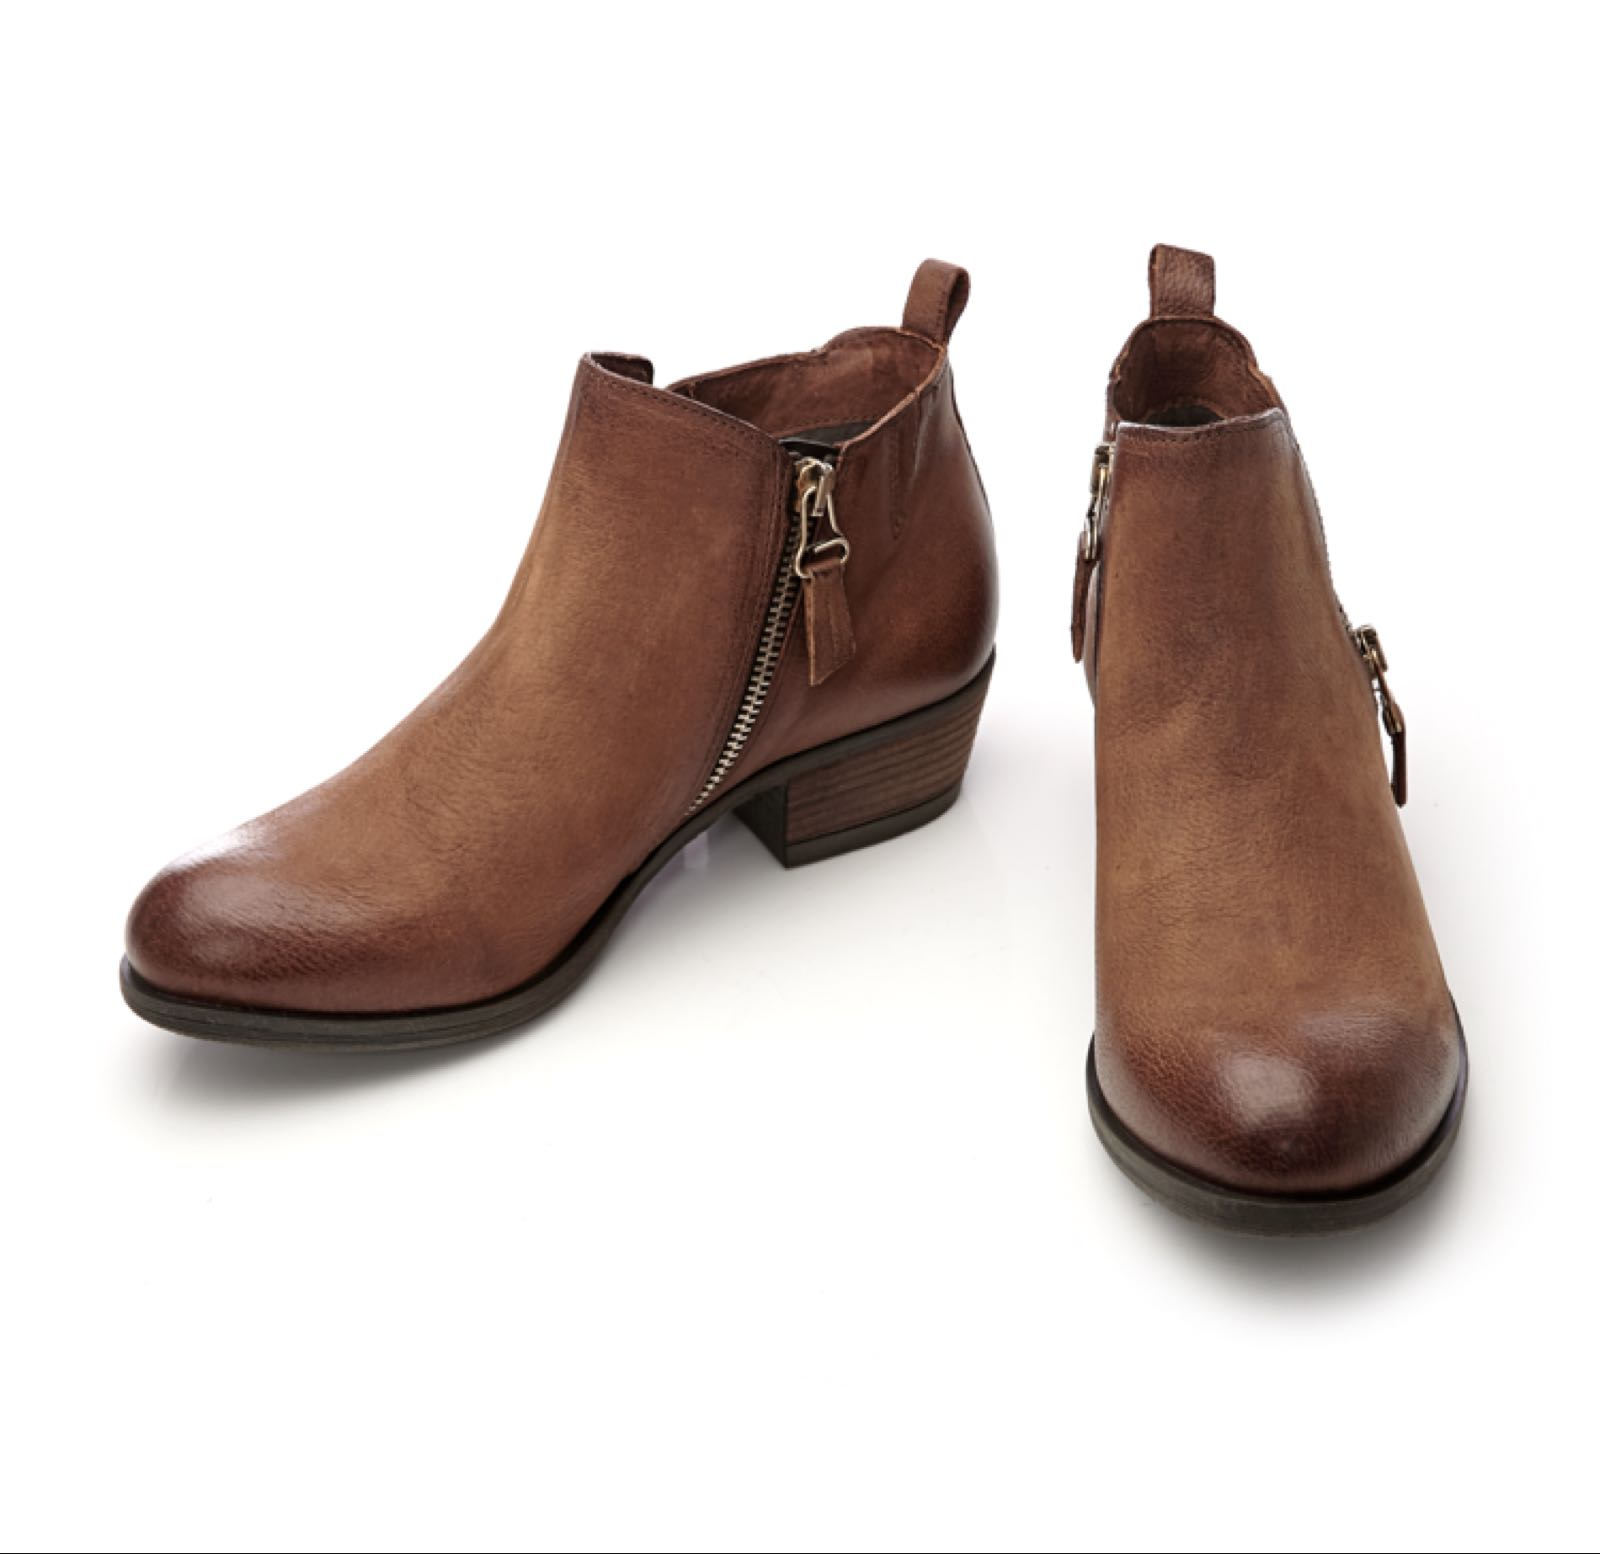 Moda in Pelle Bestifall Tan Leather